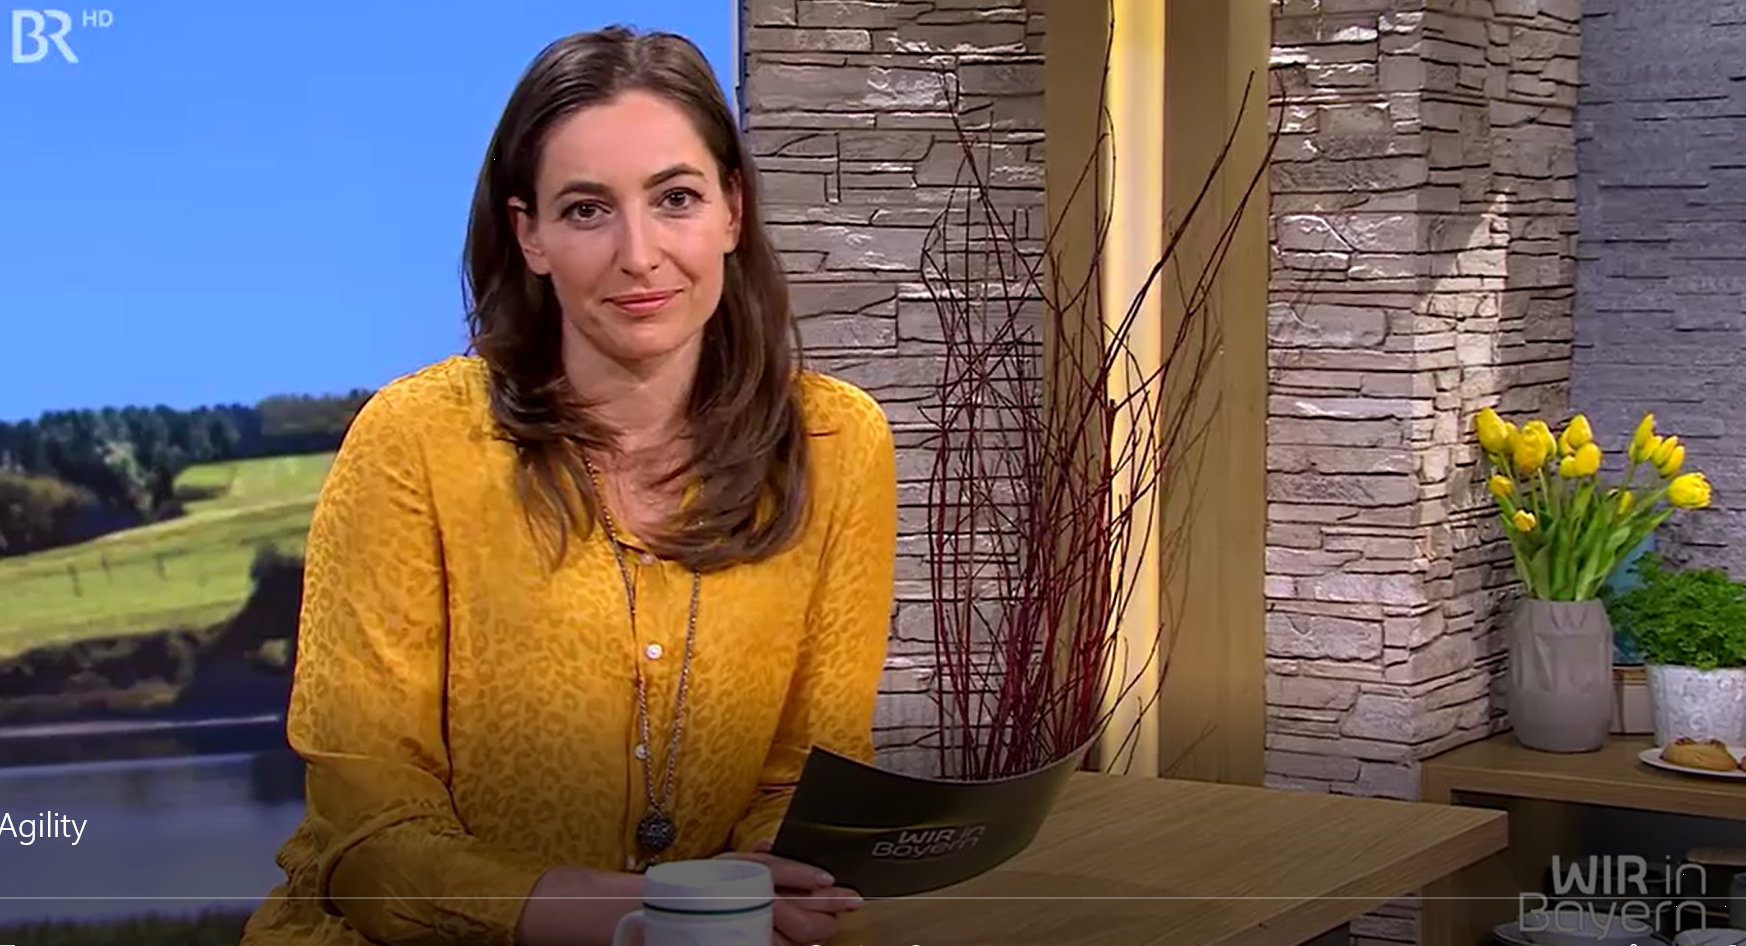 Agility Beitrag der Crazy Dogs im bayerischen Fernsehen